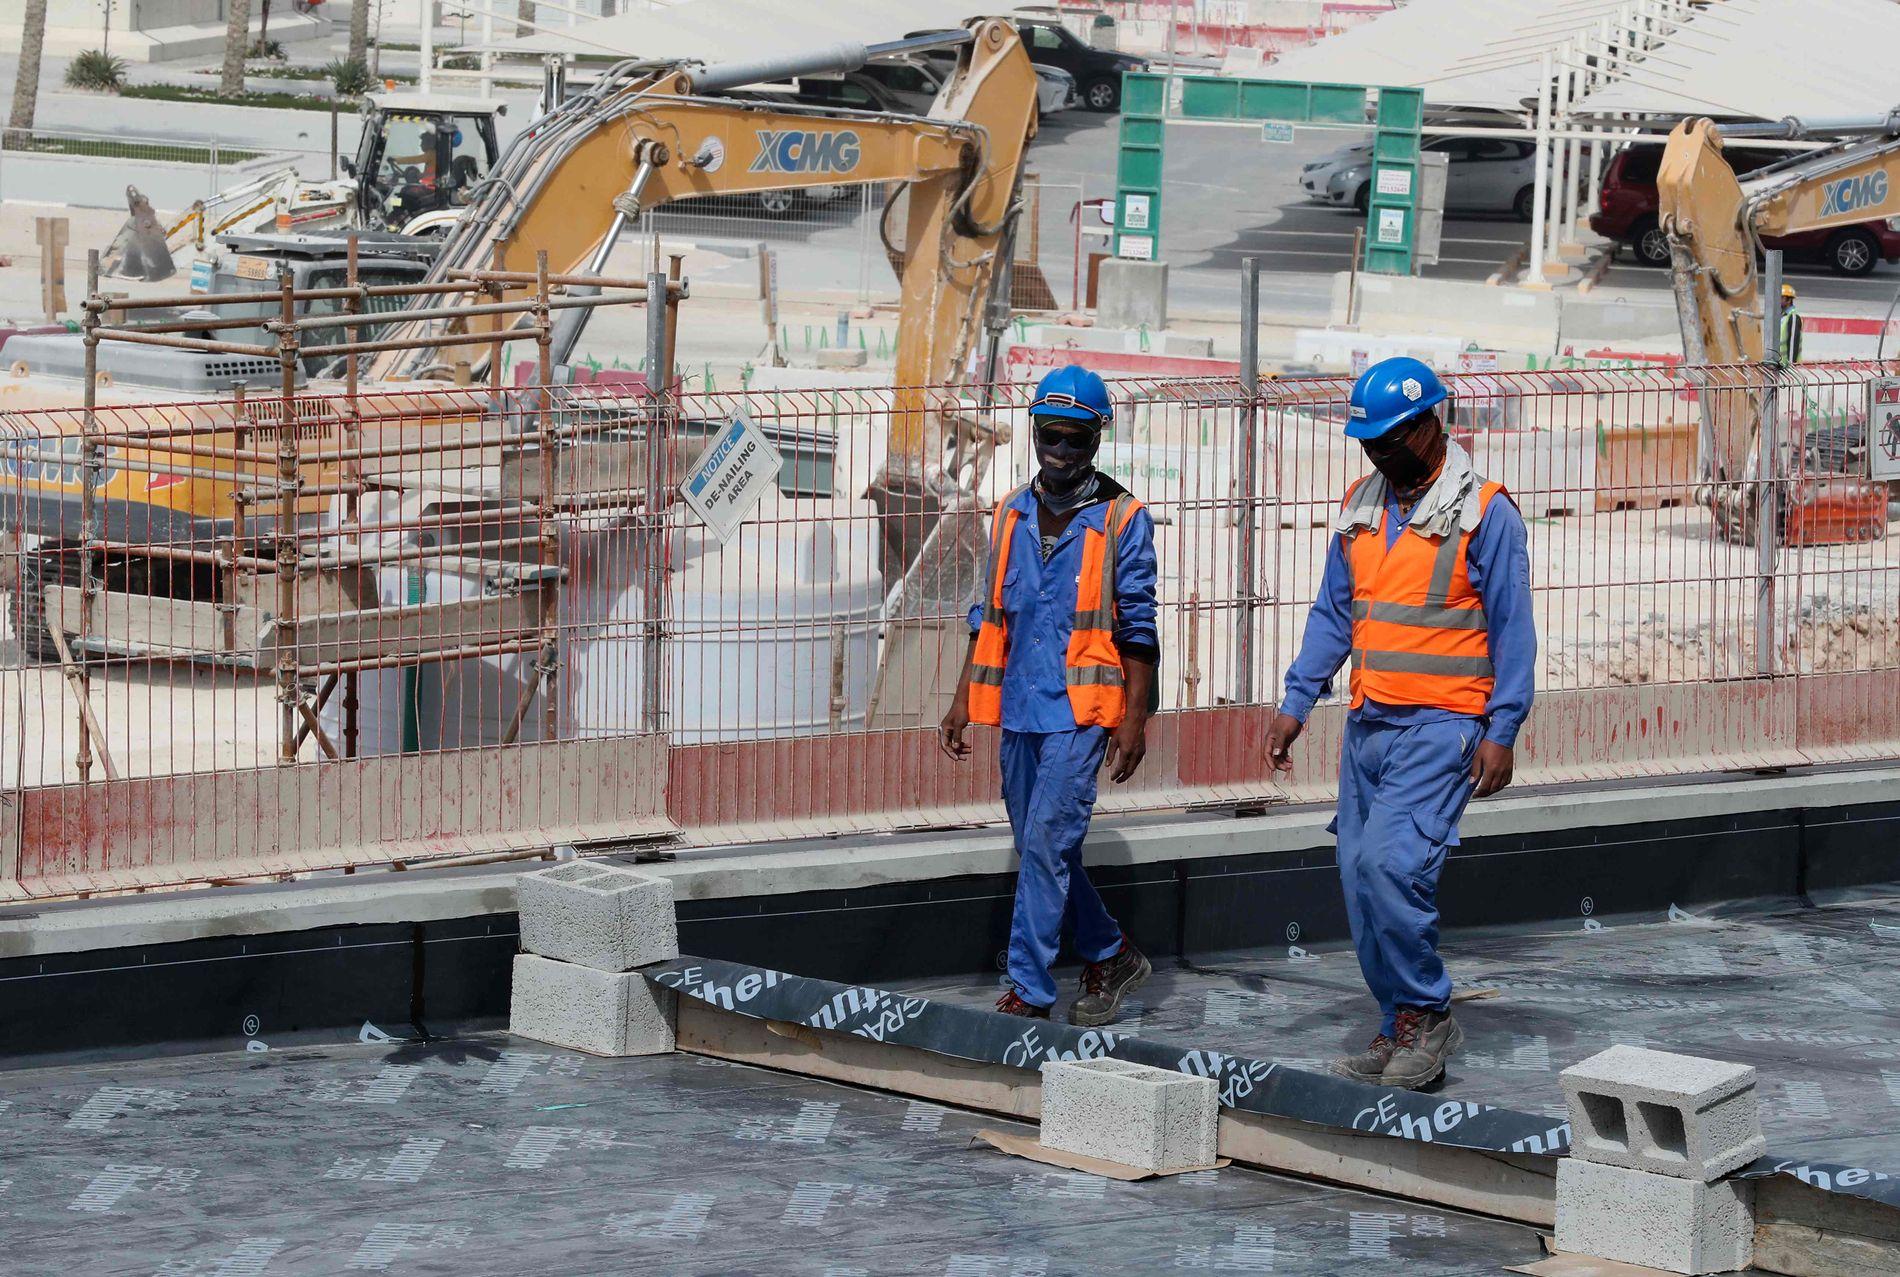 KRITIKK: Qatar får også kritikk for dårlige vilkår og rettigheter for arbeidere i landet, hvor en stor del av arbeidsstyrken er utlendinger. Her fra byggingen av Al-Wakrah Stadium, et av anleggene som skal brukes når landet arrangerer fotball-VM i 2022.